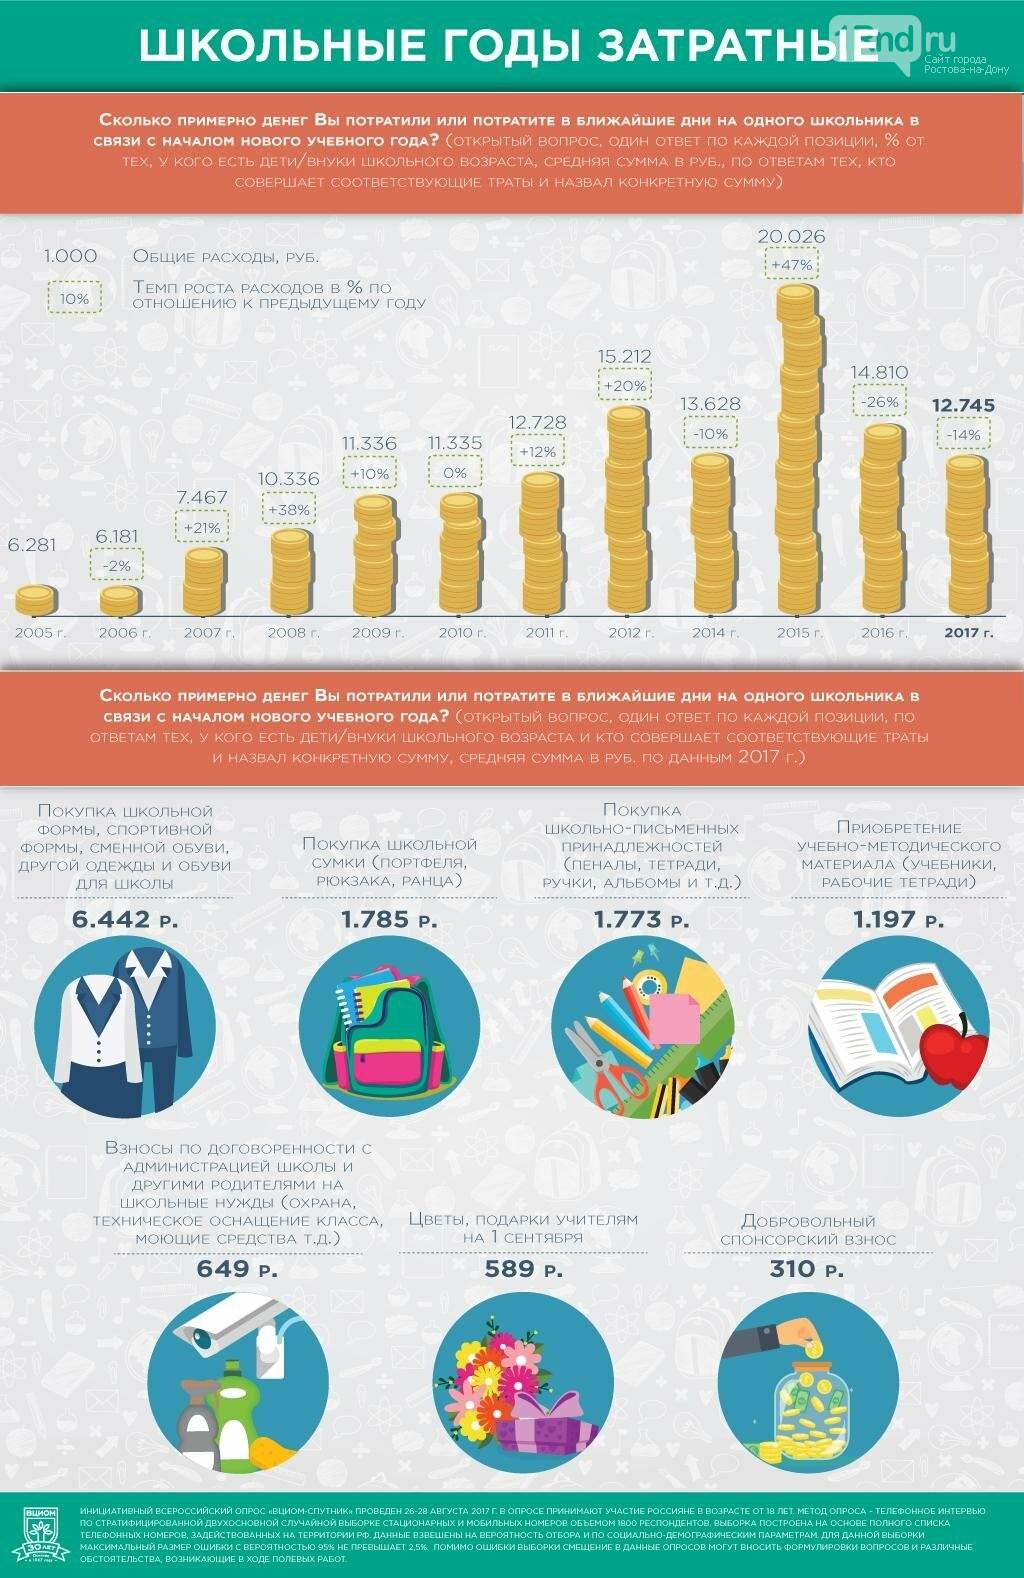 ВЦИОМ: россияне стали тратить на подготовку к школе меньше, фото-1, Инфографика: ВЦИОМ